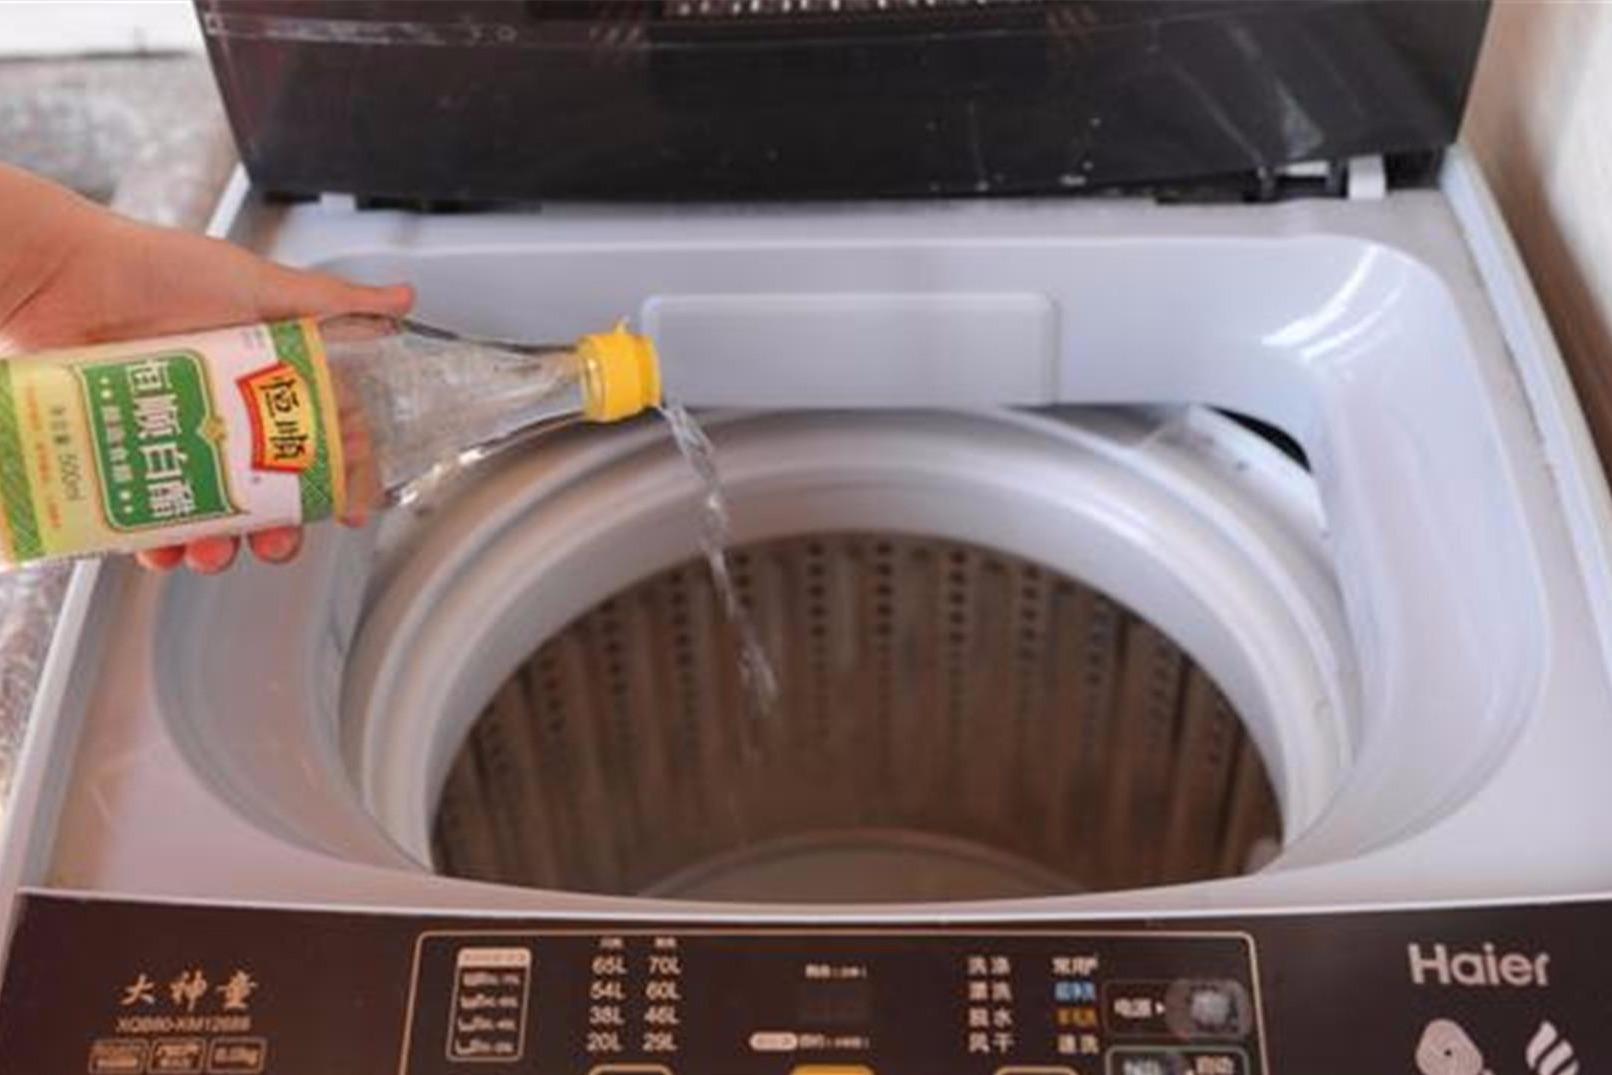 三洋牌洗衣机不排水维修,这种机器通病,为什么质量这么差?